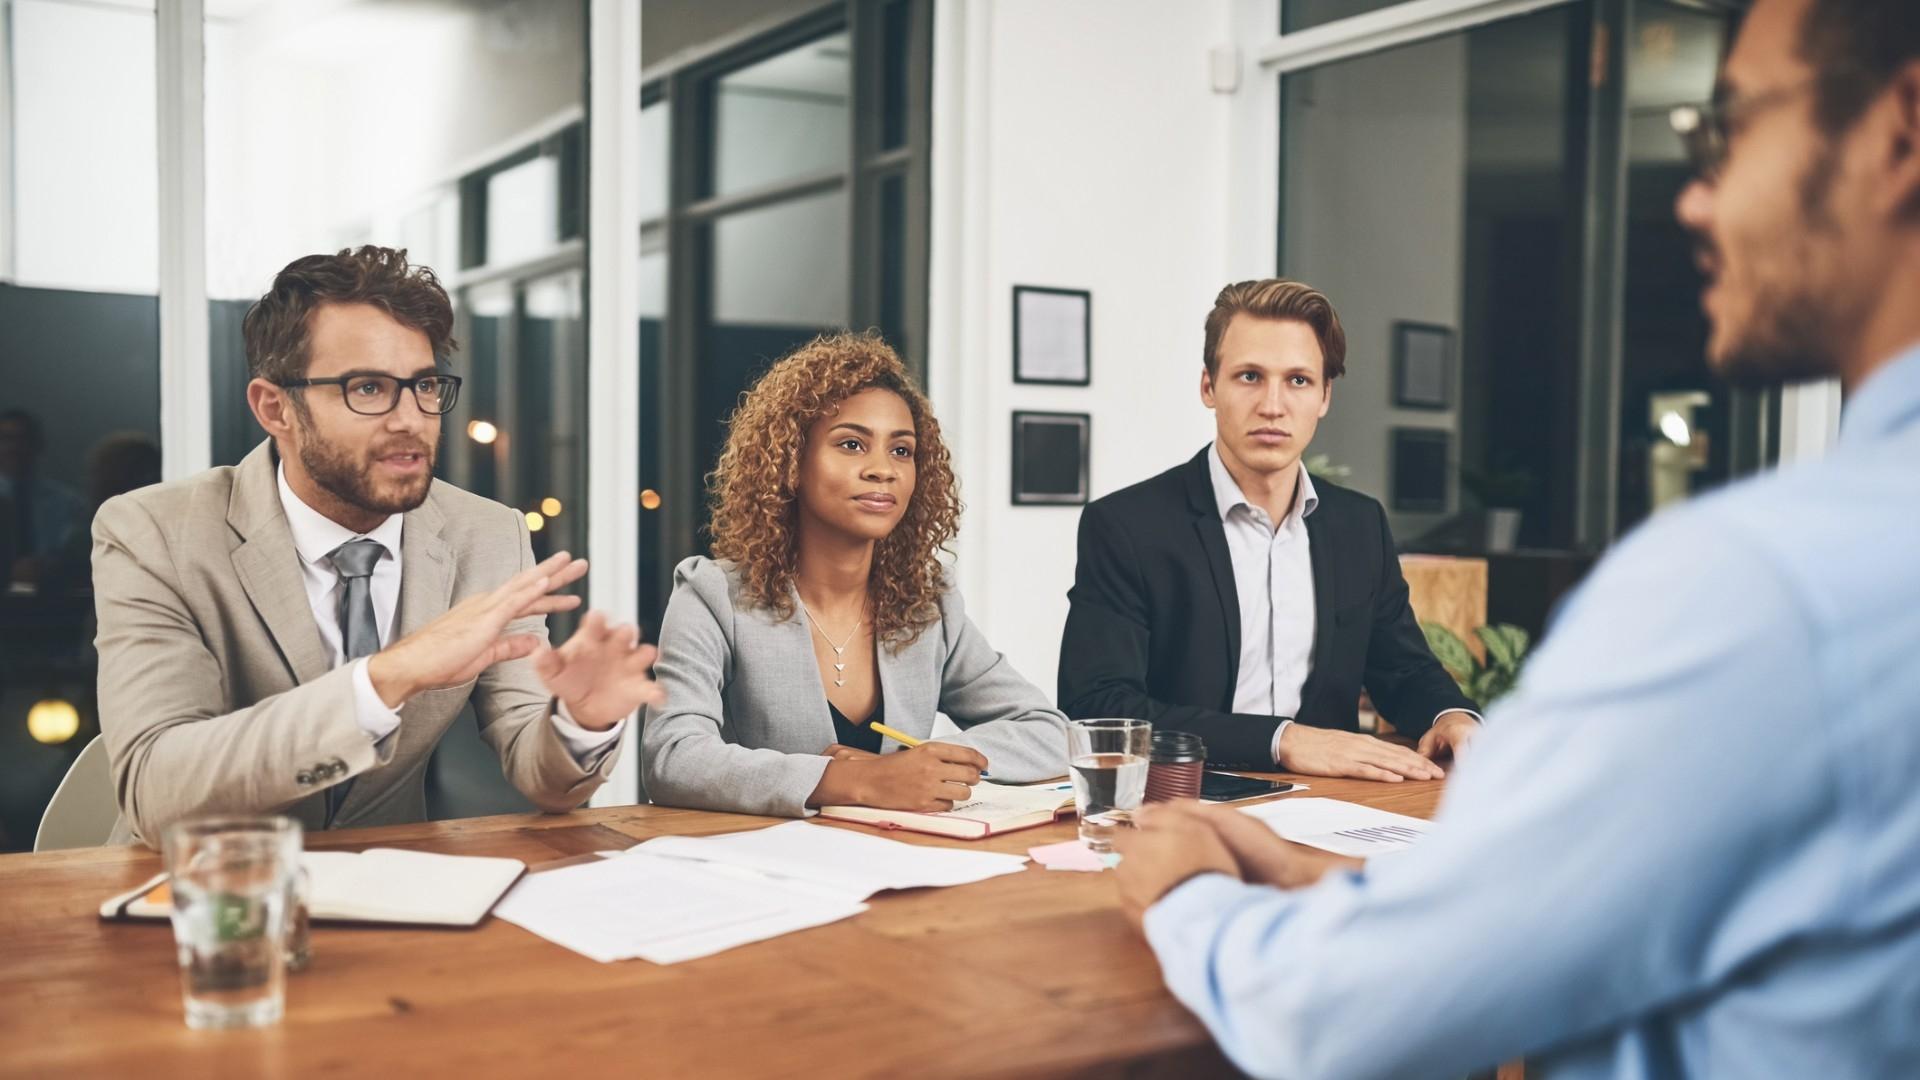 270743-conheca-os-tipos-de-recrutamento-existentes-e-como-escolher-o-melhor-para-sua-empresa